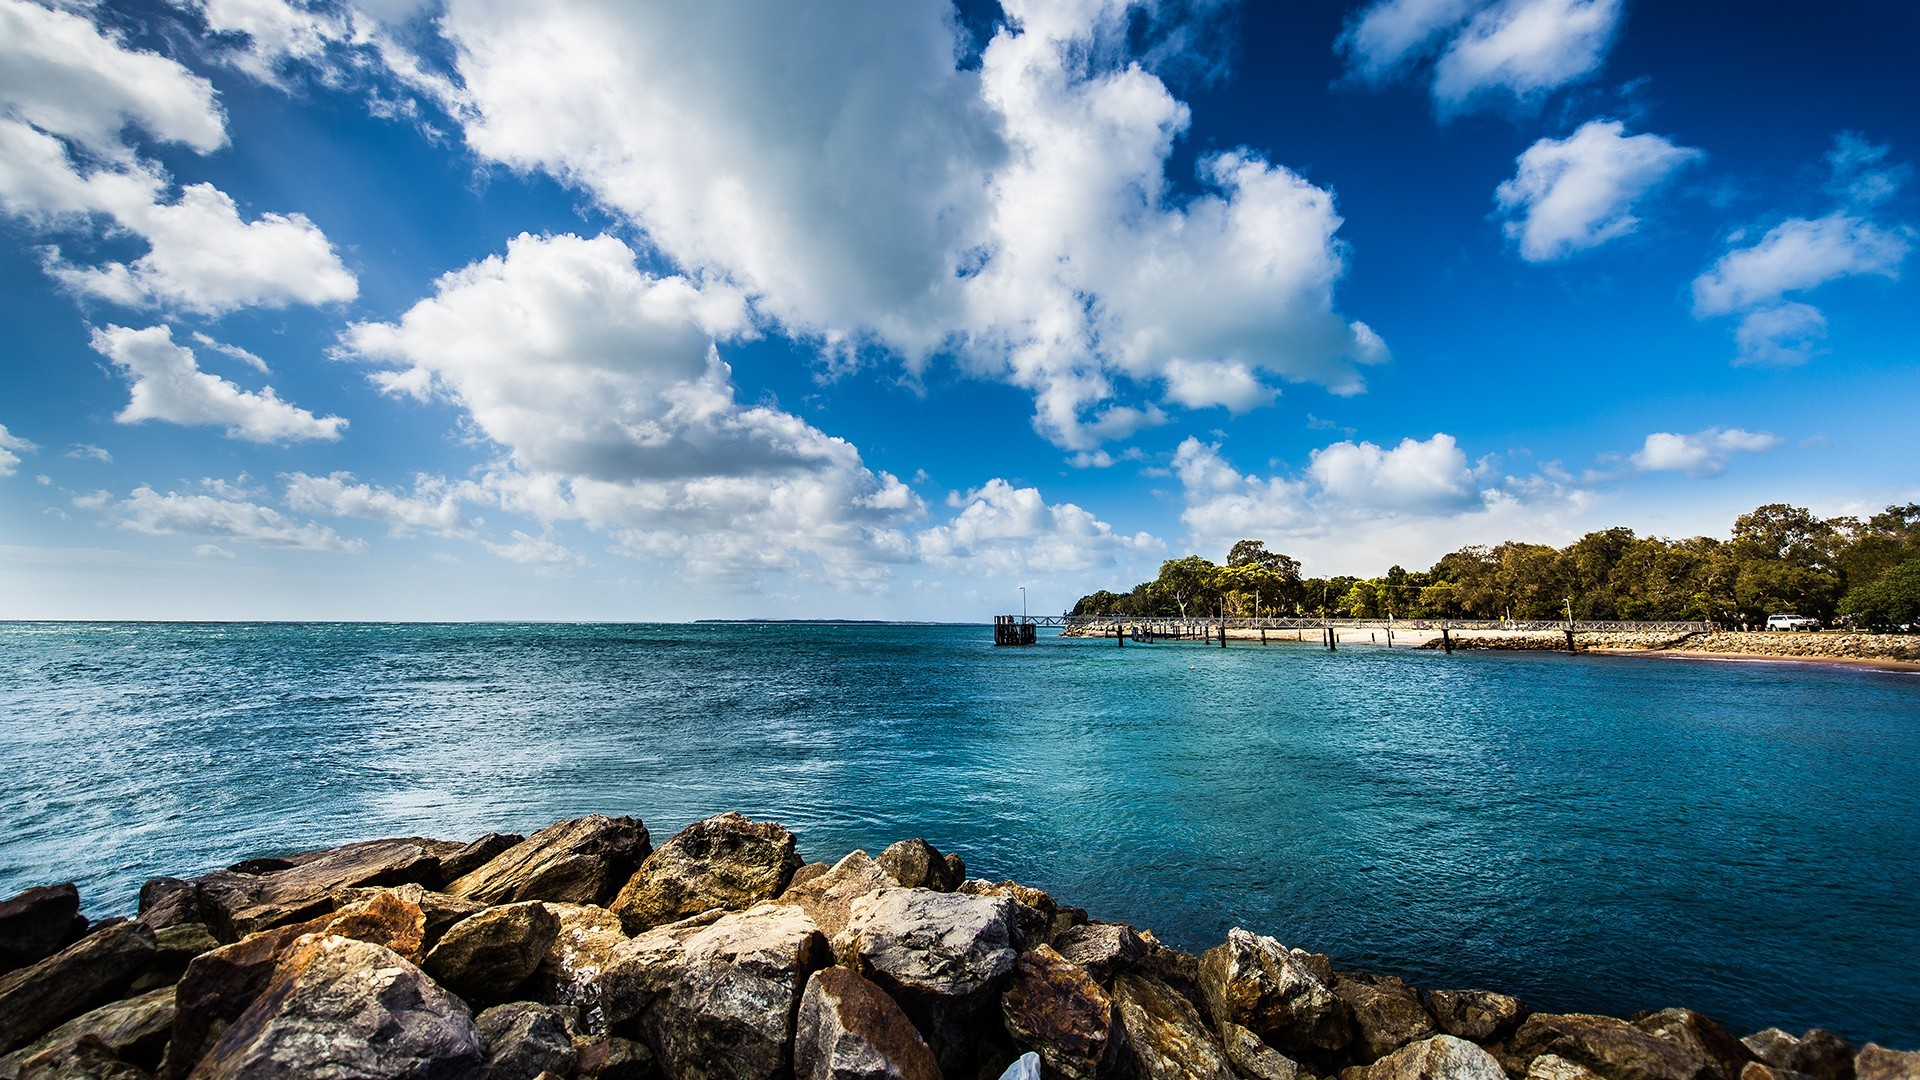 صور صور عن الطبيعة , صور البحر والسماء طبيعه خلابه